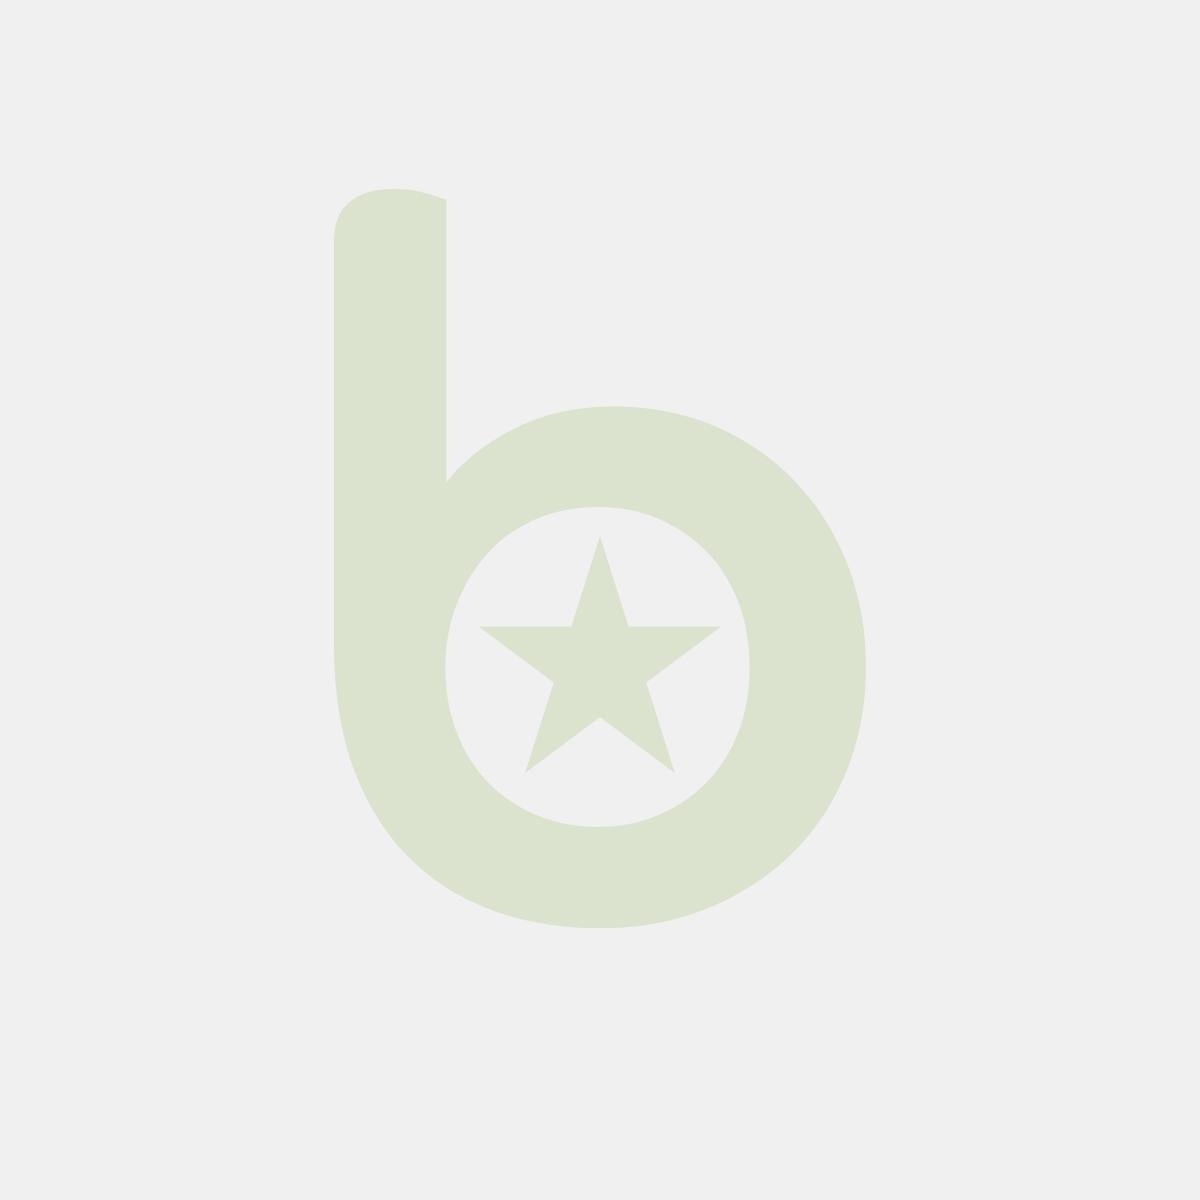 Serwetki PAPSTAR Royal Collection 40x40 brązowy opakowanie 50szt